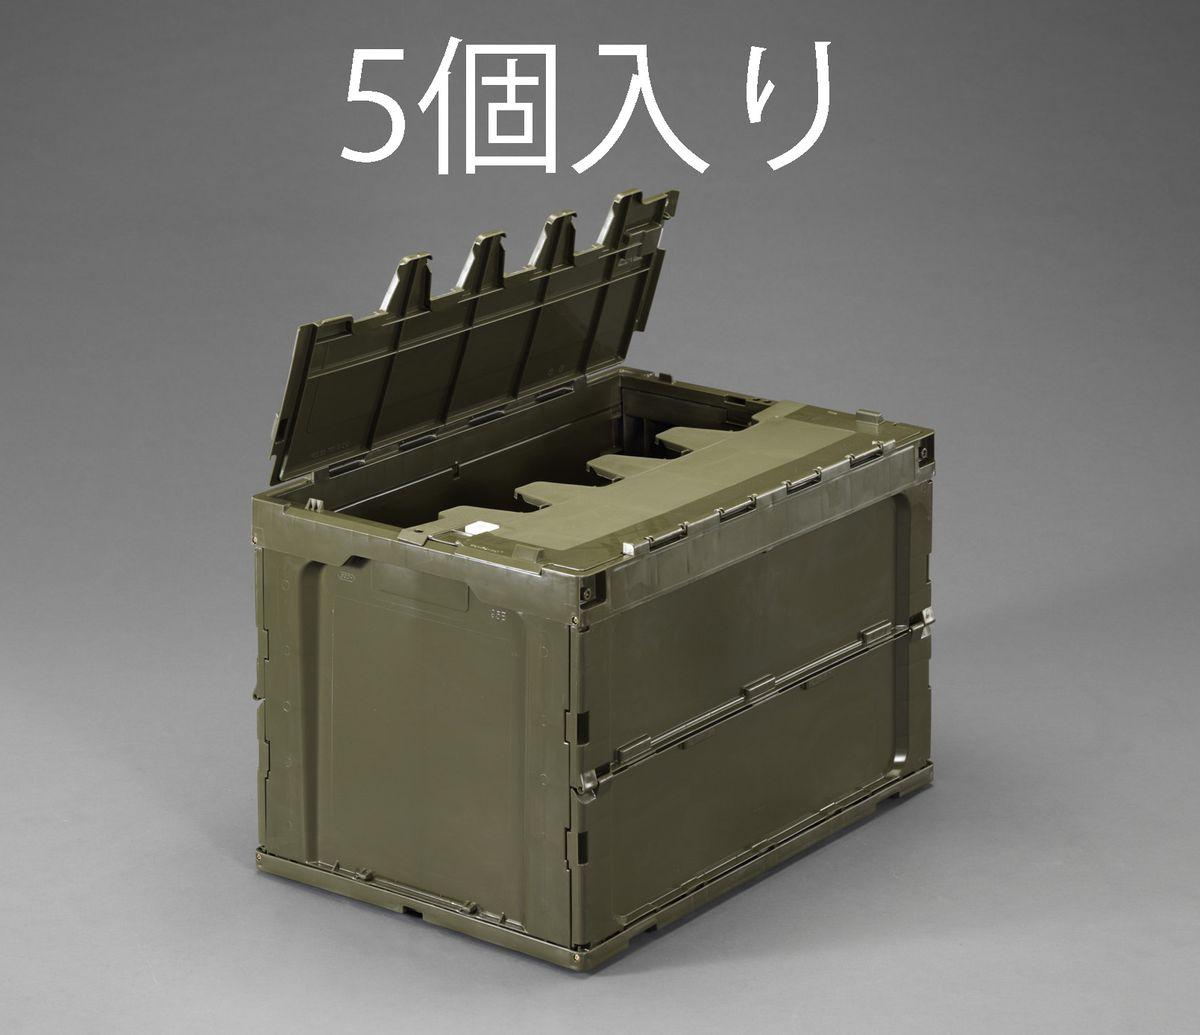 【メーカー在庫あり】 エスコ ESCO 648x440x419mm/92.2L 折畳コンテナ(OD/蓋付5個) 000012248116 HD